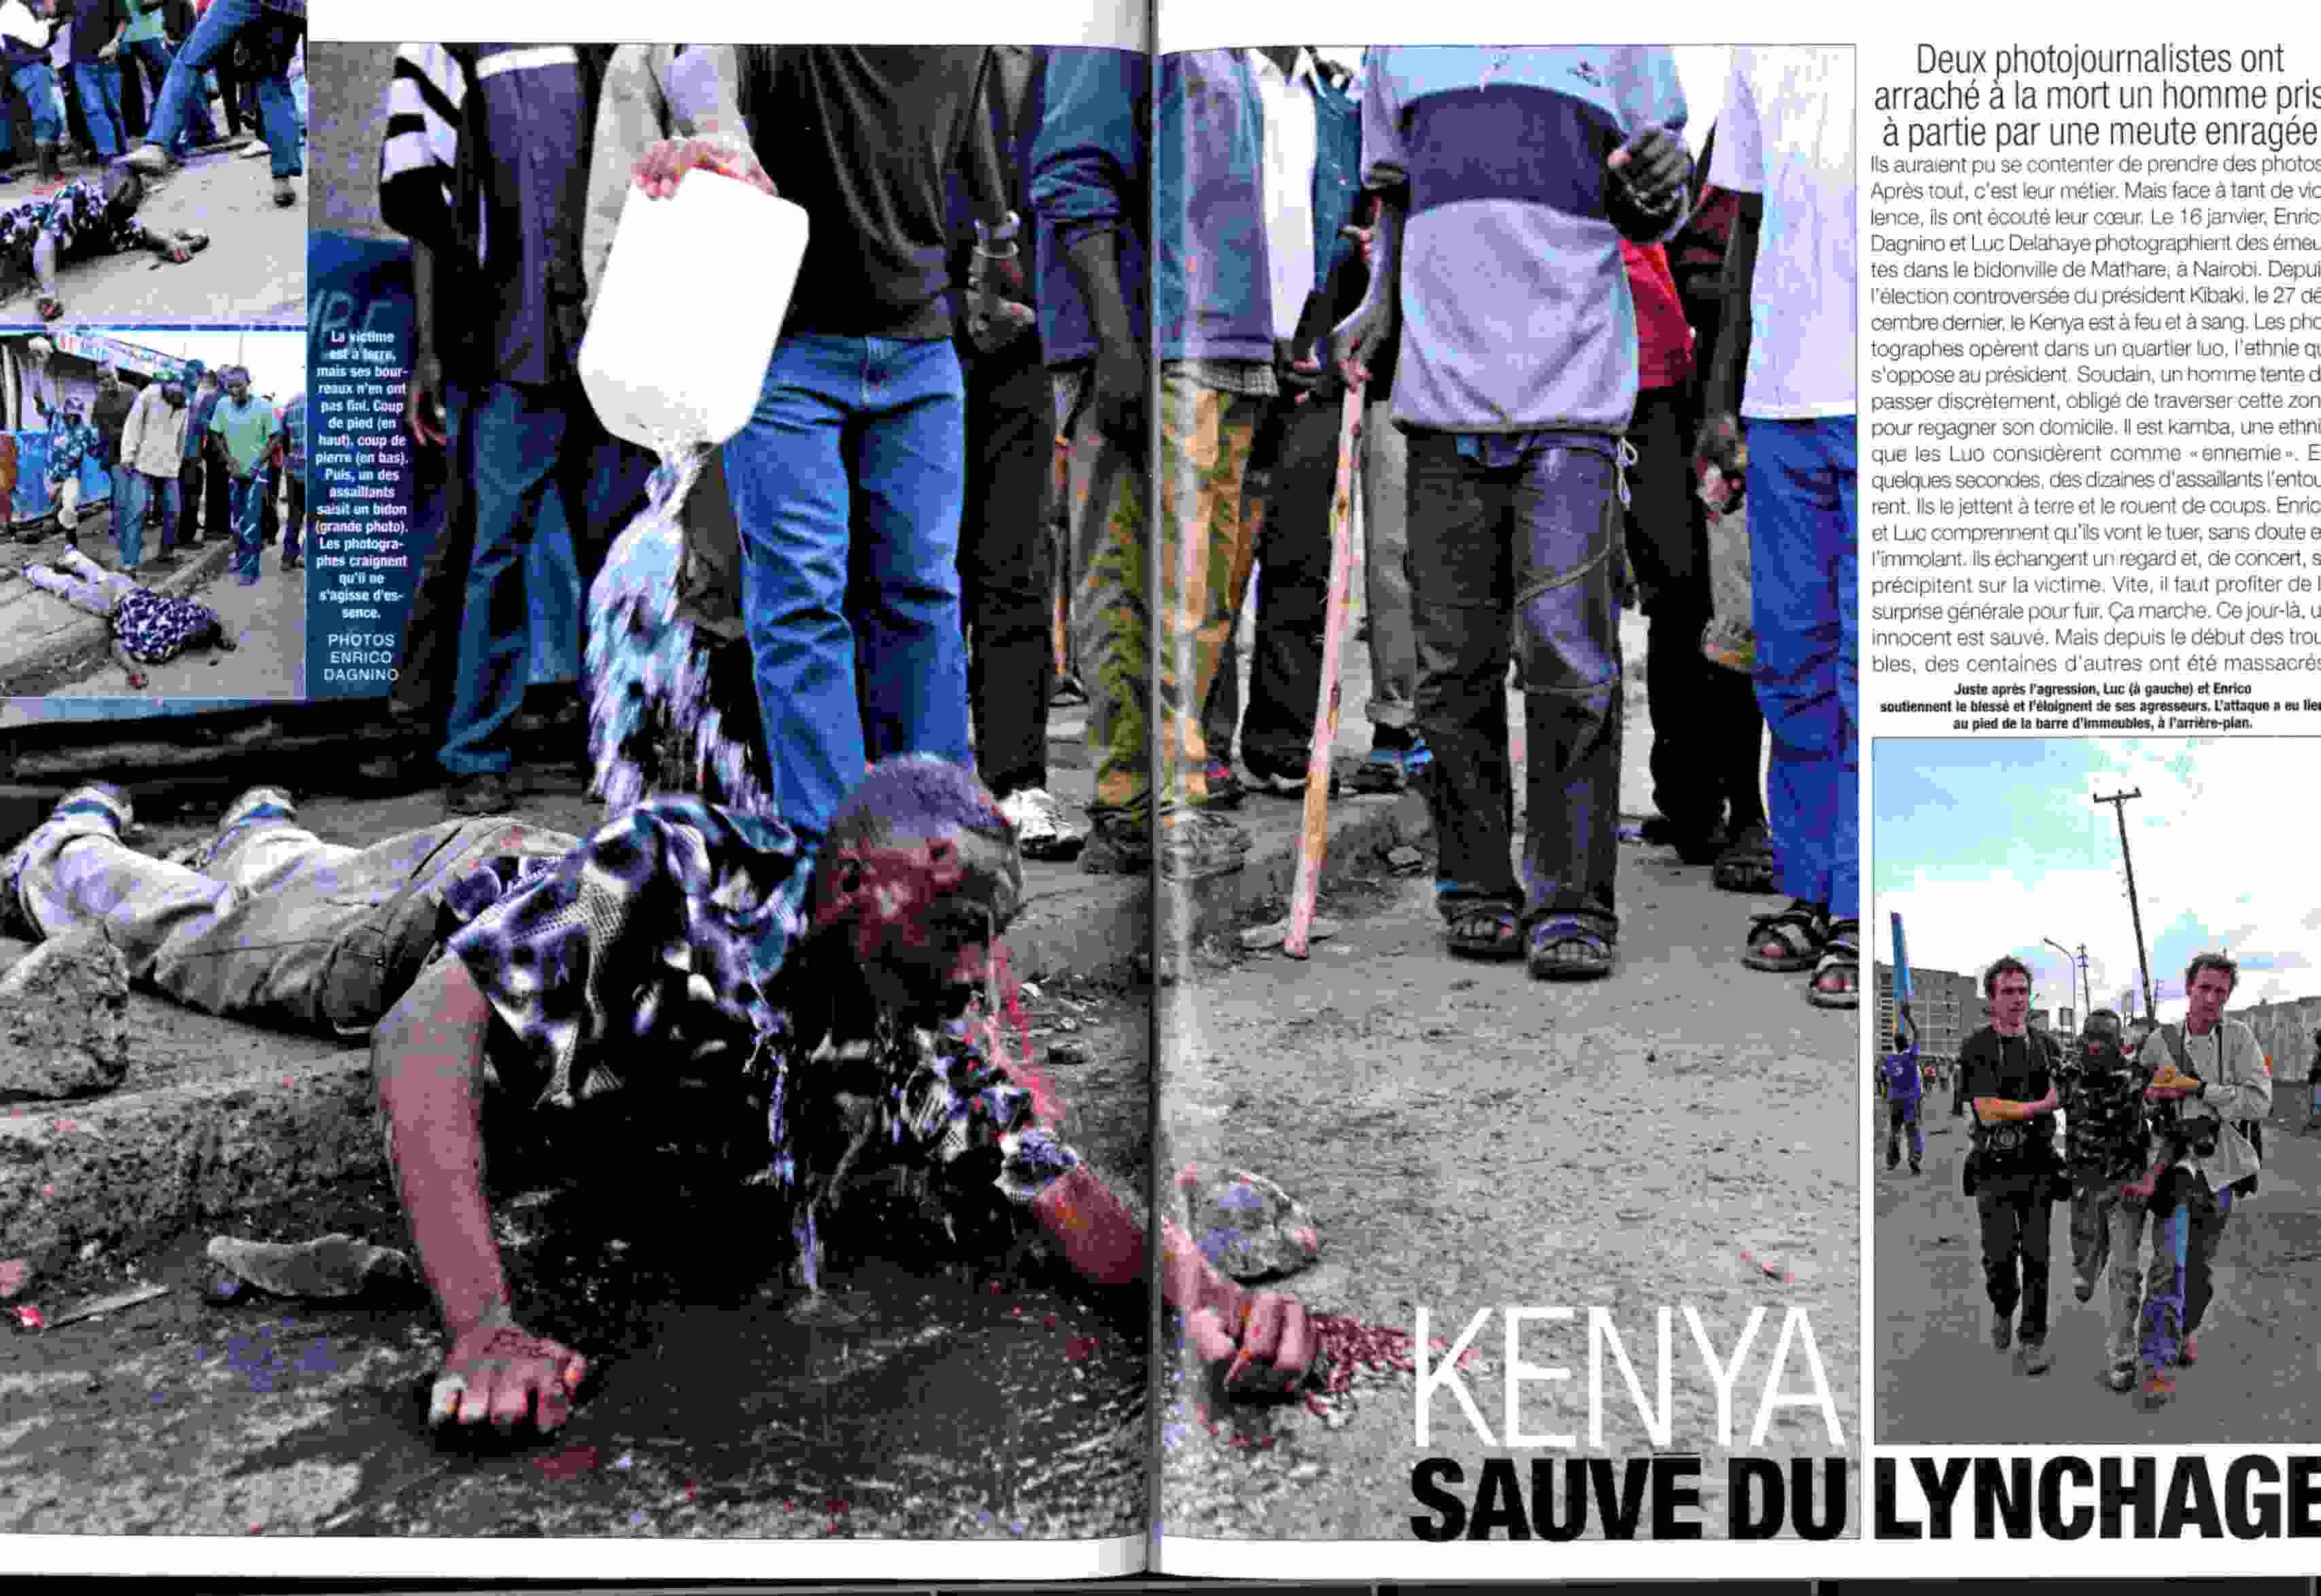 Lynchage Kenya 2